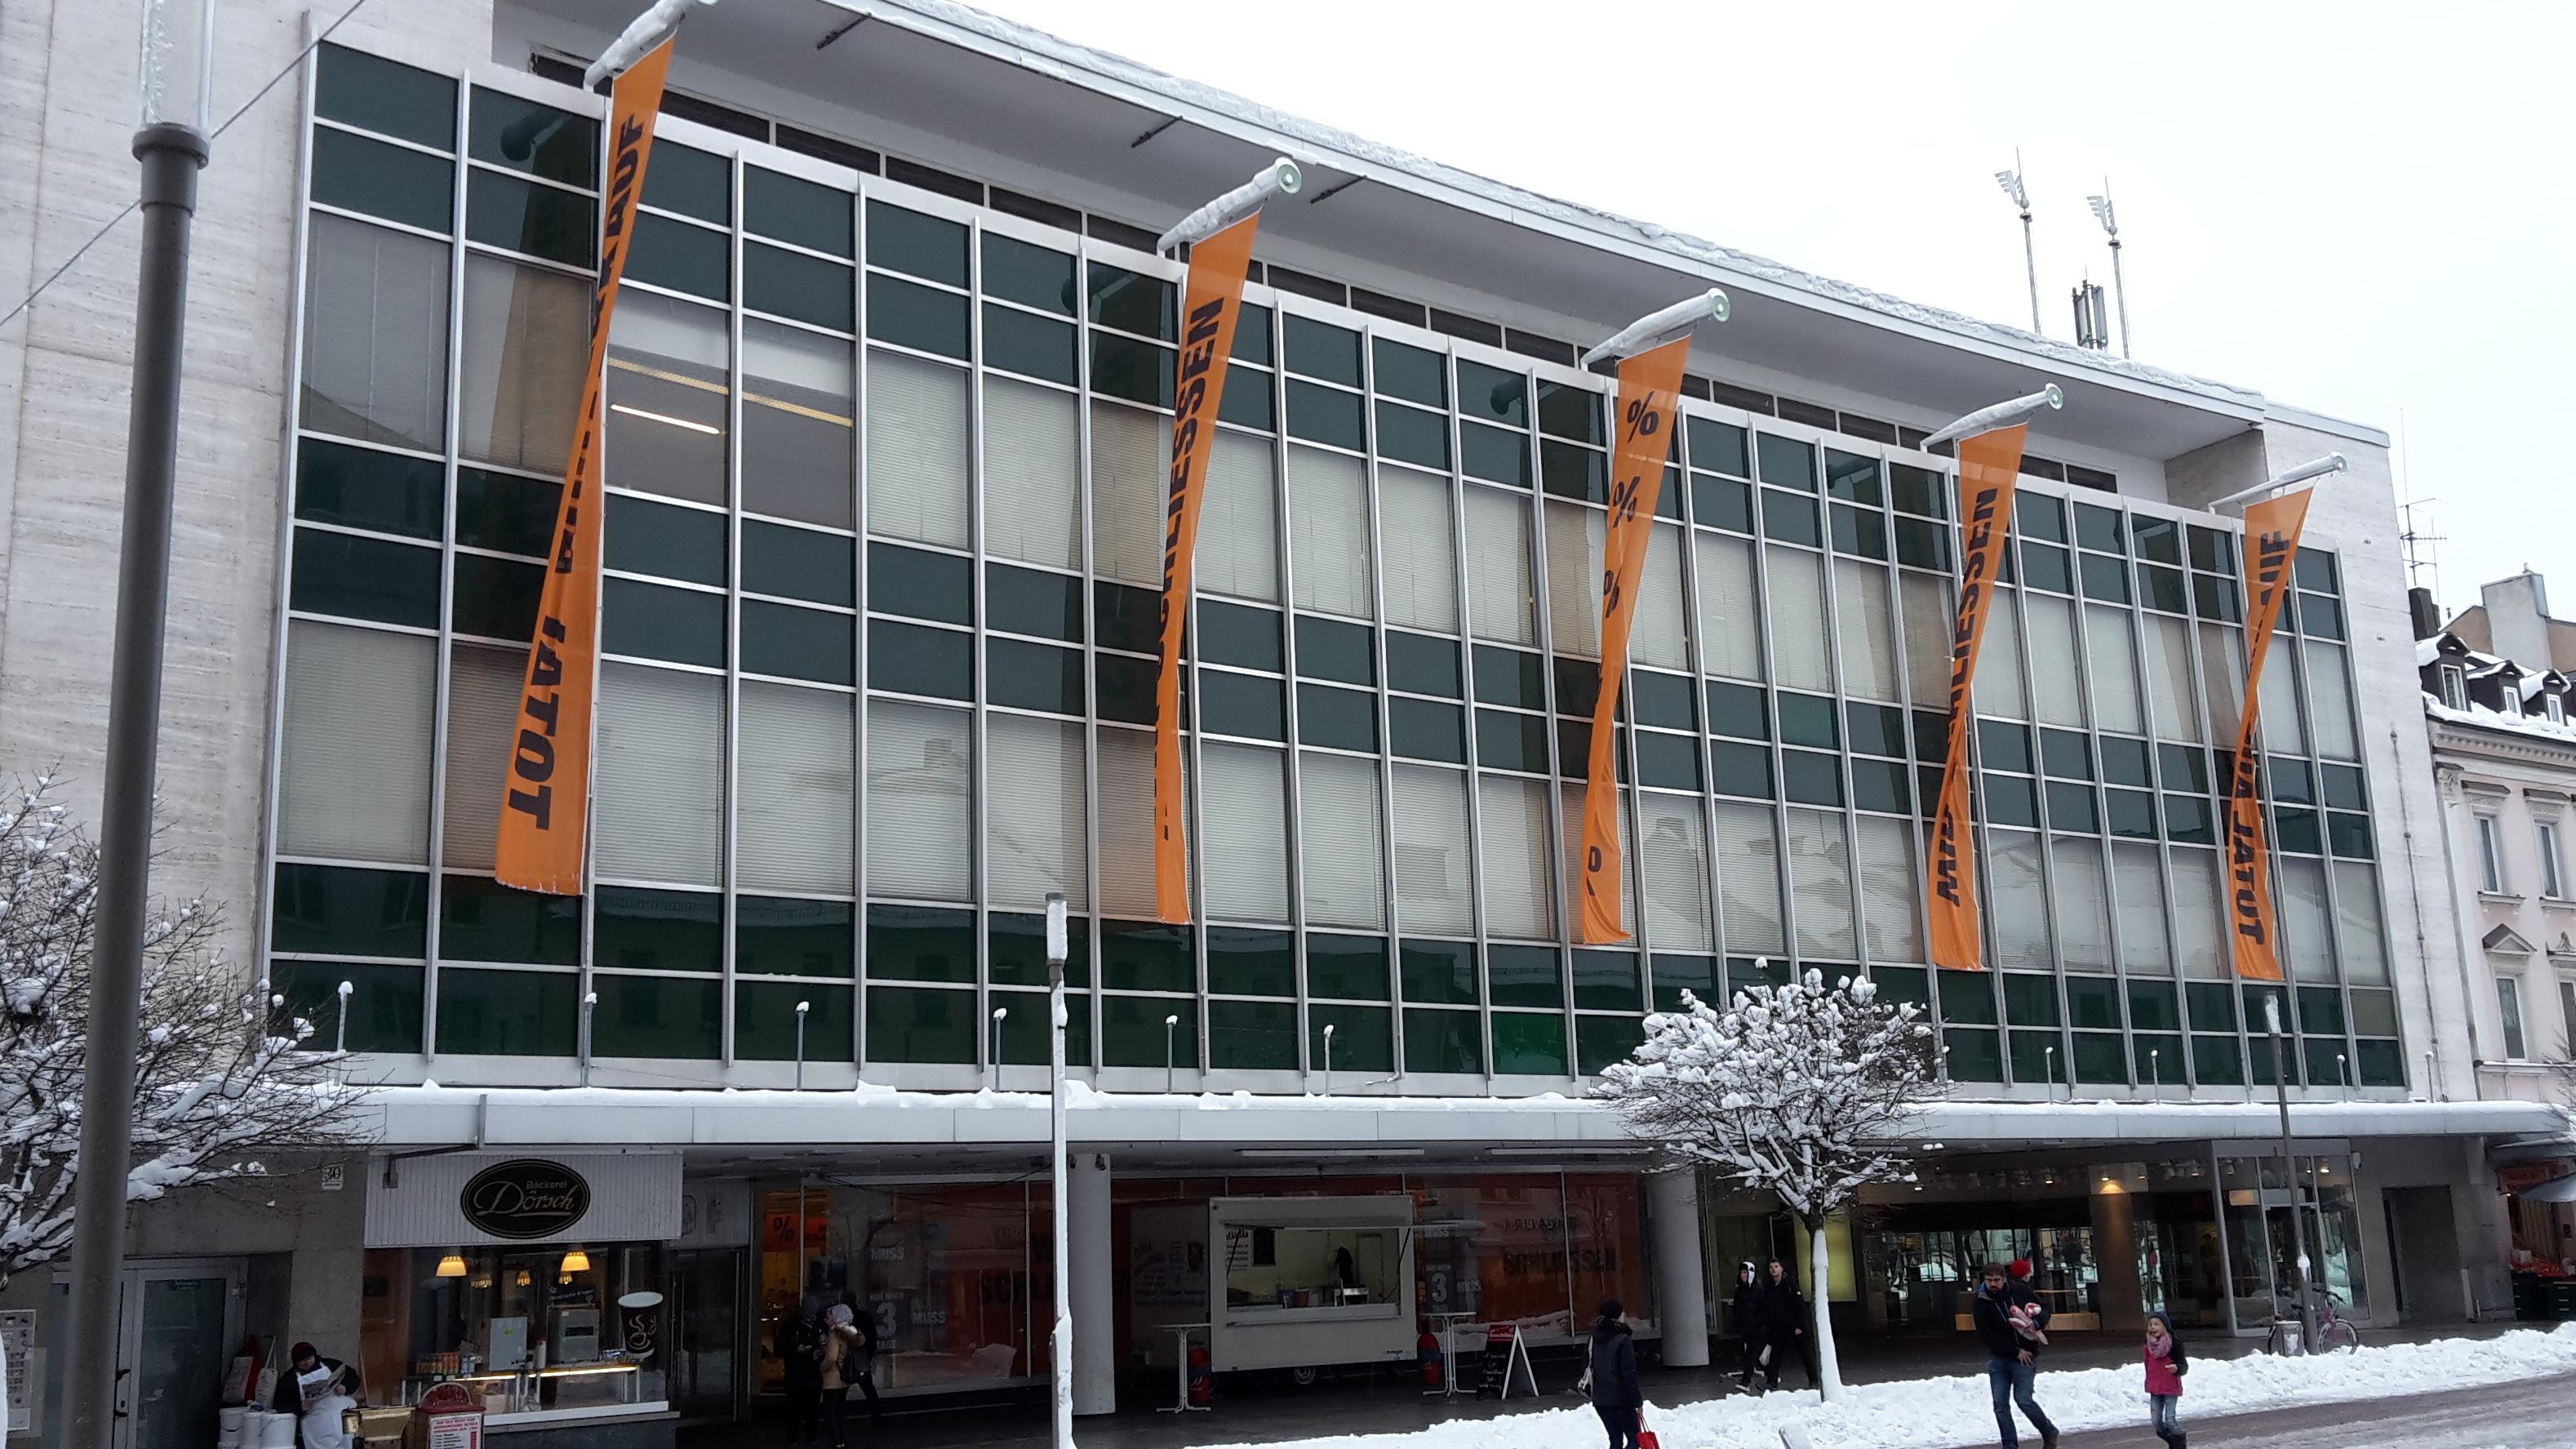 Orange Flaggen hängen an der Hofer Kaufhof Filiale: darauf zu lesen: Wir schließen